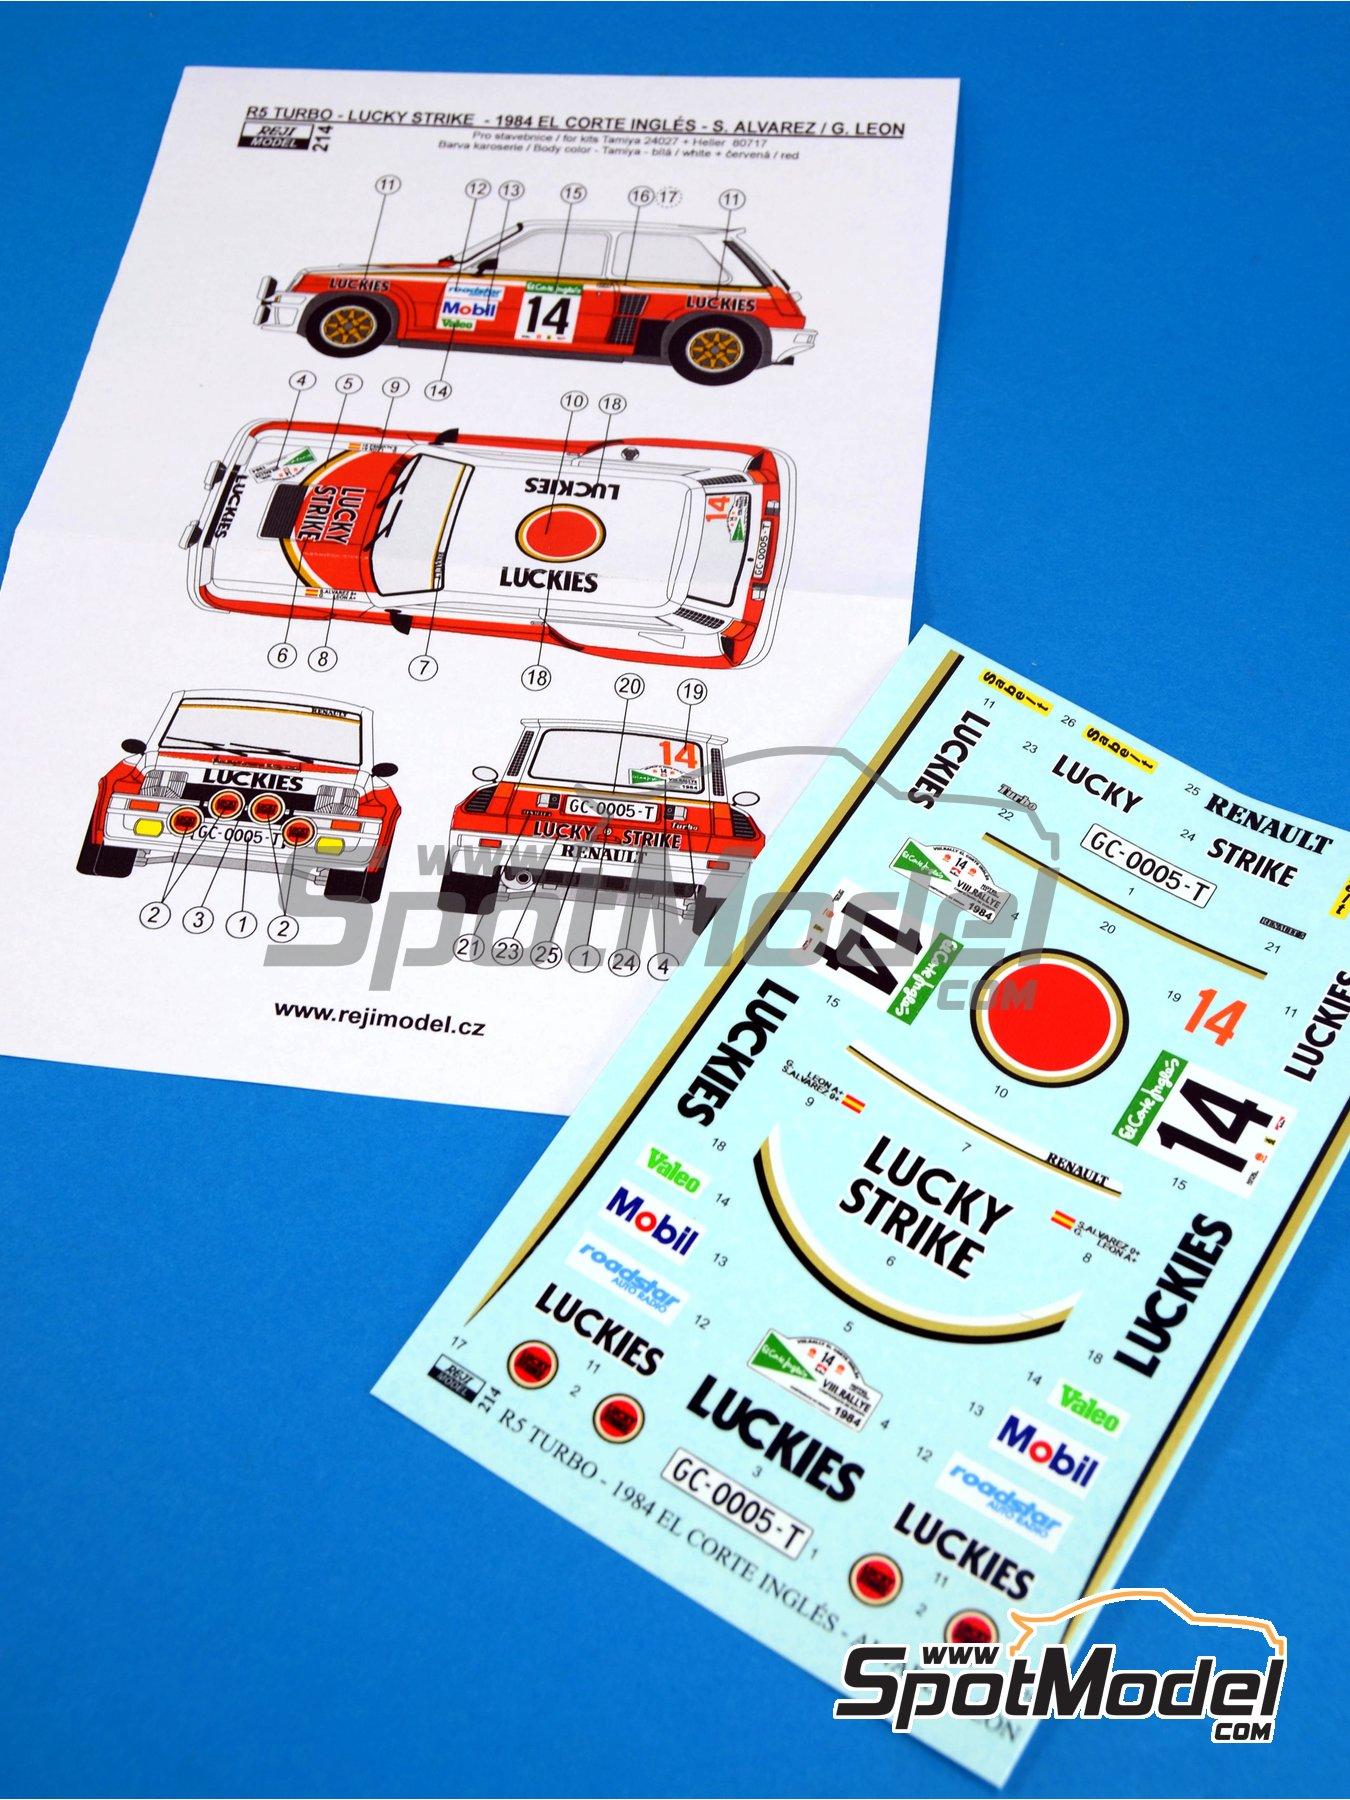 Renault R5 Turbo Lucky Strike - Rally El Corte Ingles 1984 | Decoración en escala1/24 fabricado por Reji Model (ref.REJI-214) image